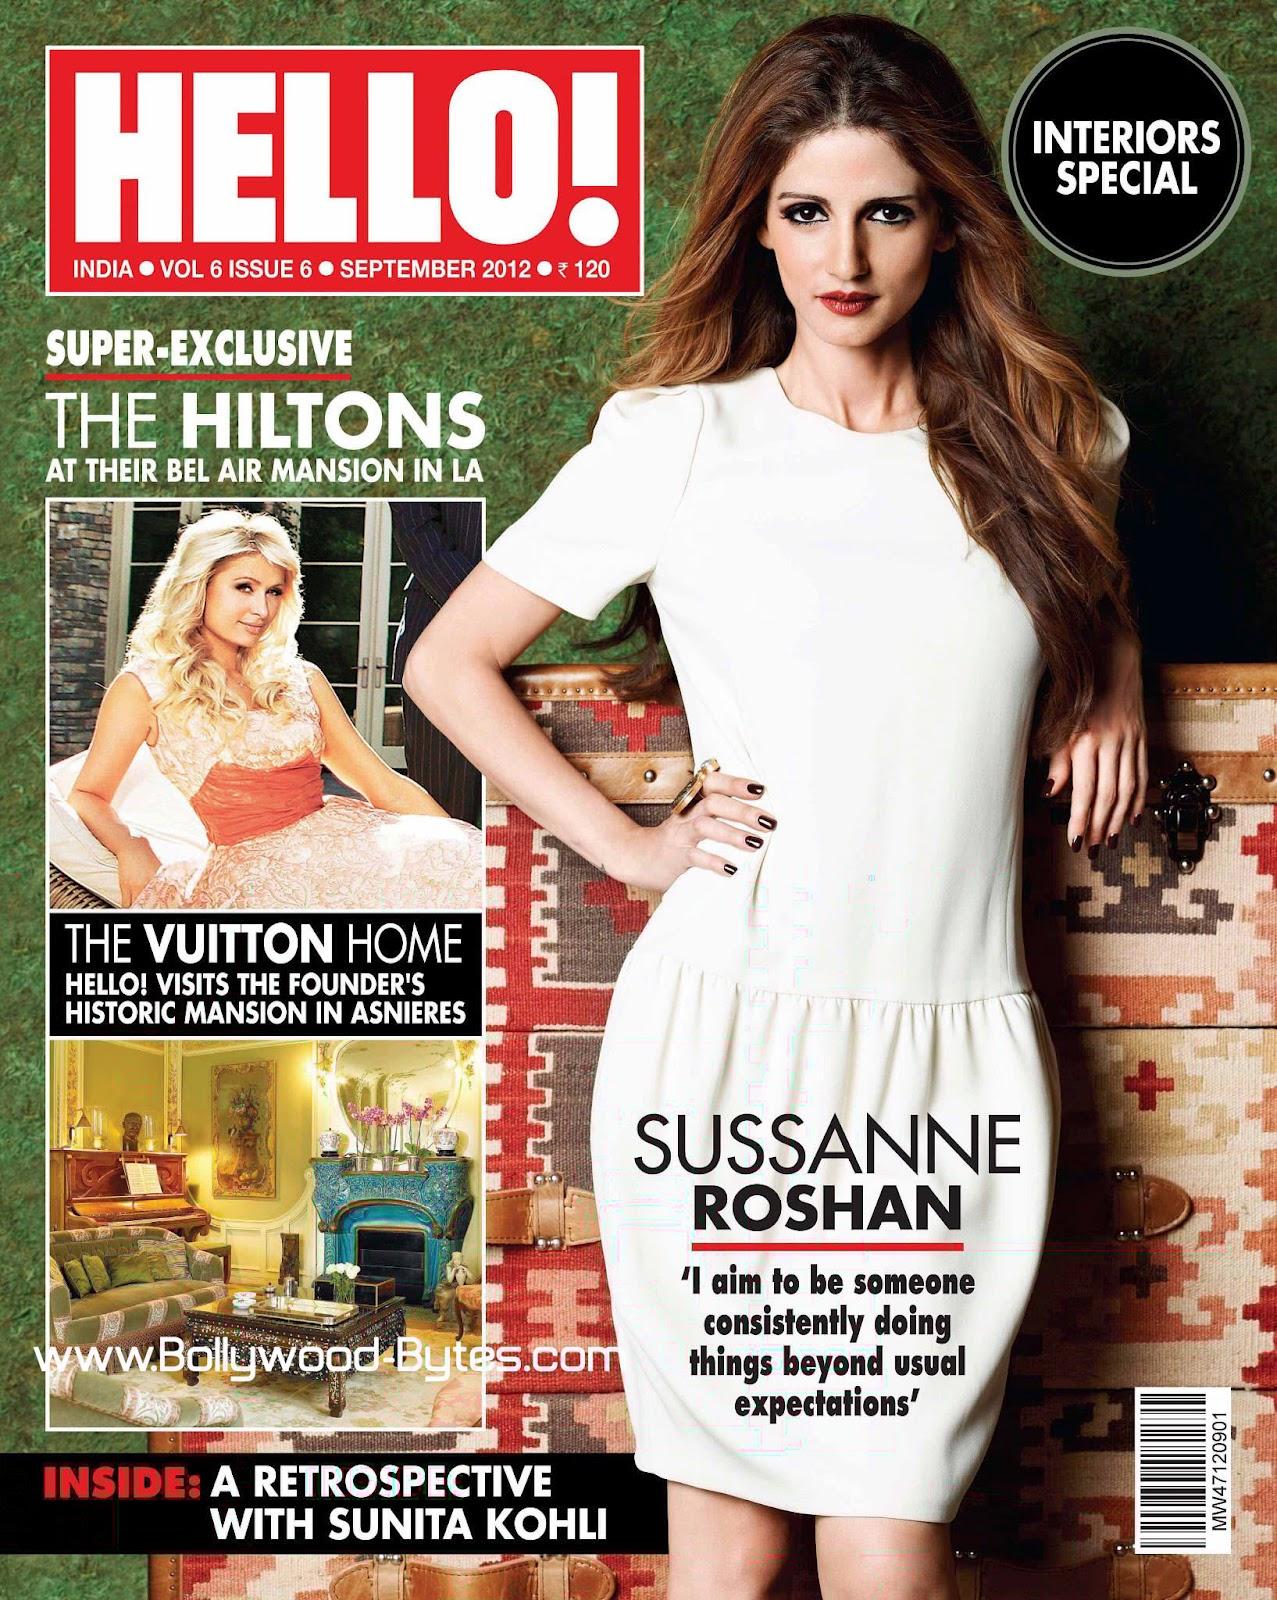 http://4.bp.blogspot.com/-iZgicBJYa0Q/UEJKiM0QvpI/AAAAAAAAOL8/mj2X1MQKb-Q/s1600/Beautiful-Sussanne-Roshan-On-the-cover-Hello!-India-Magazine-September-2012.jpg